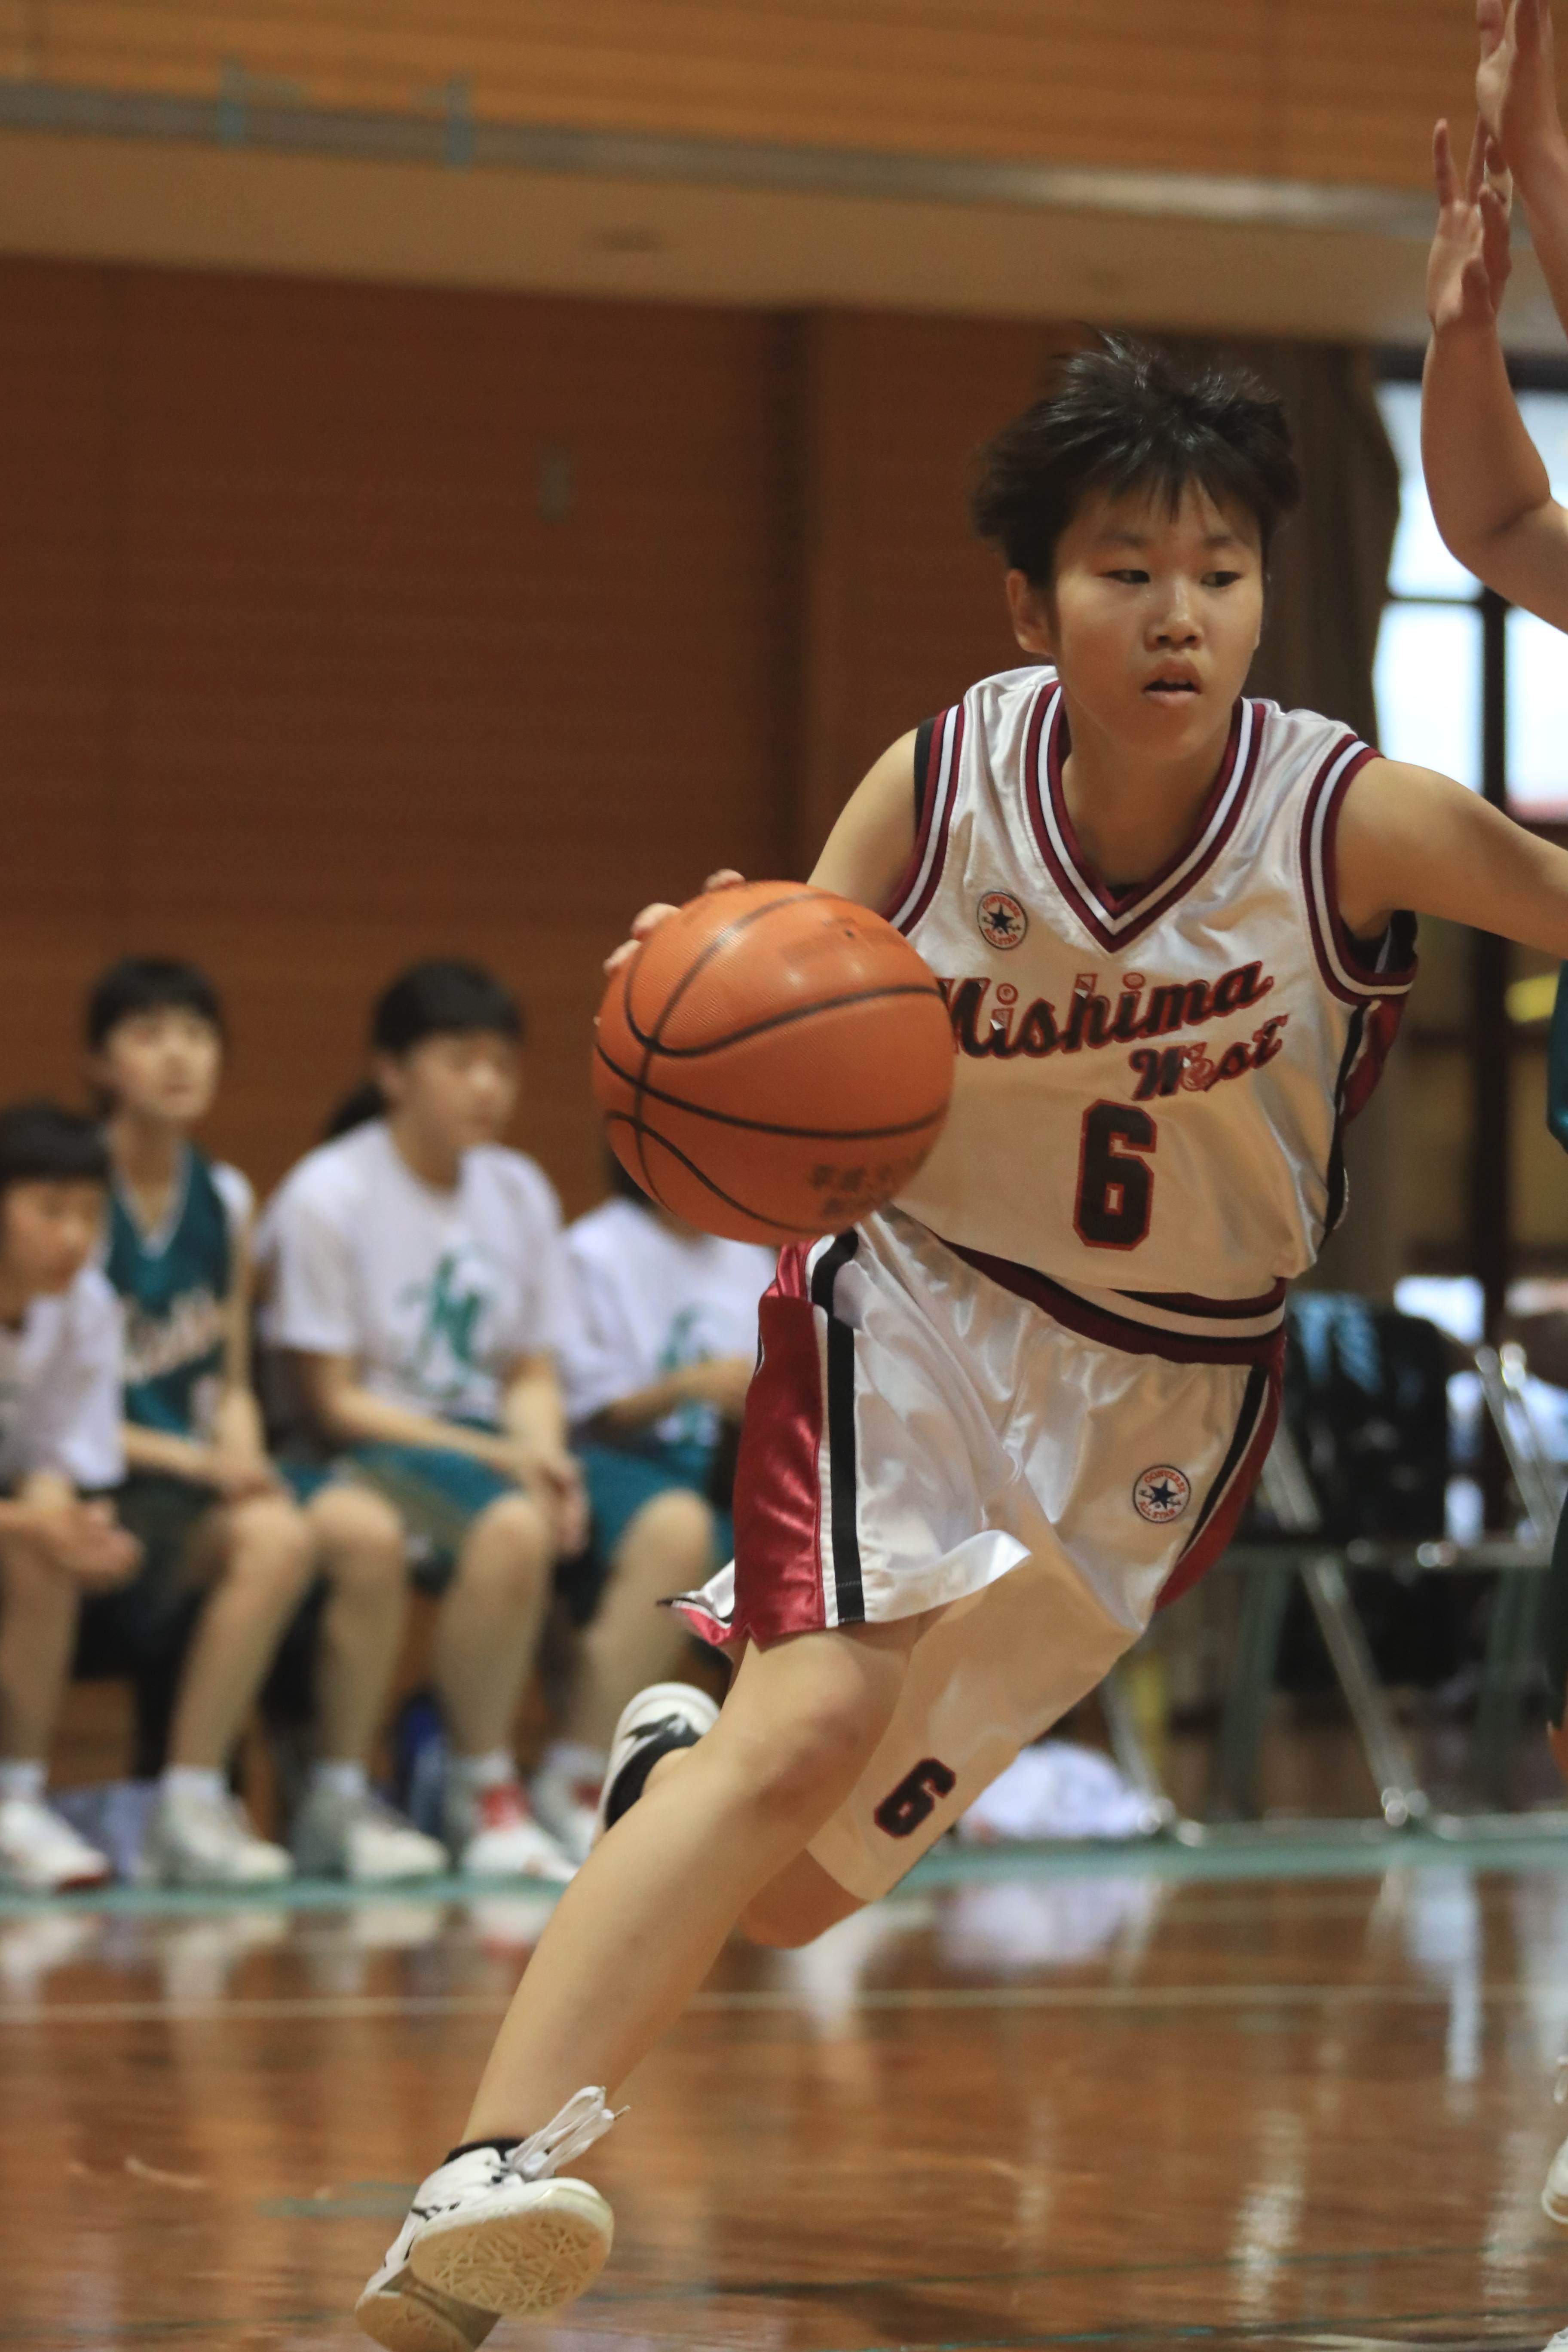 バスケットボール (57)